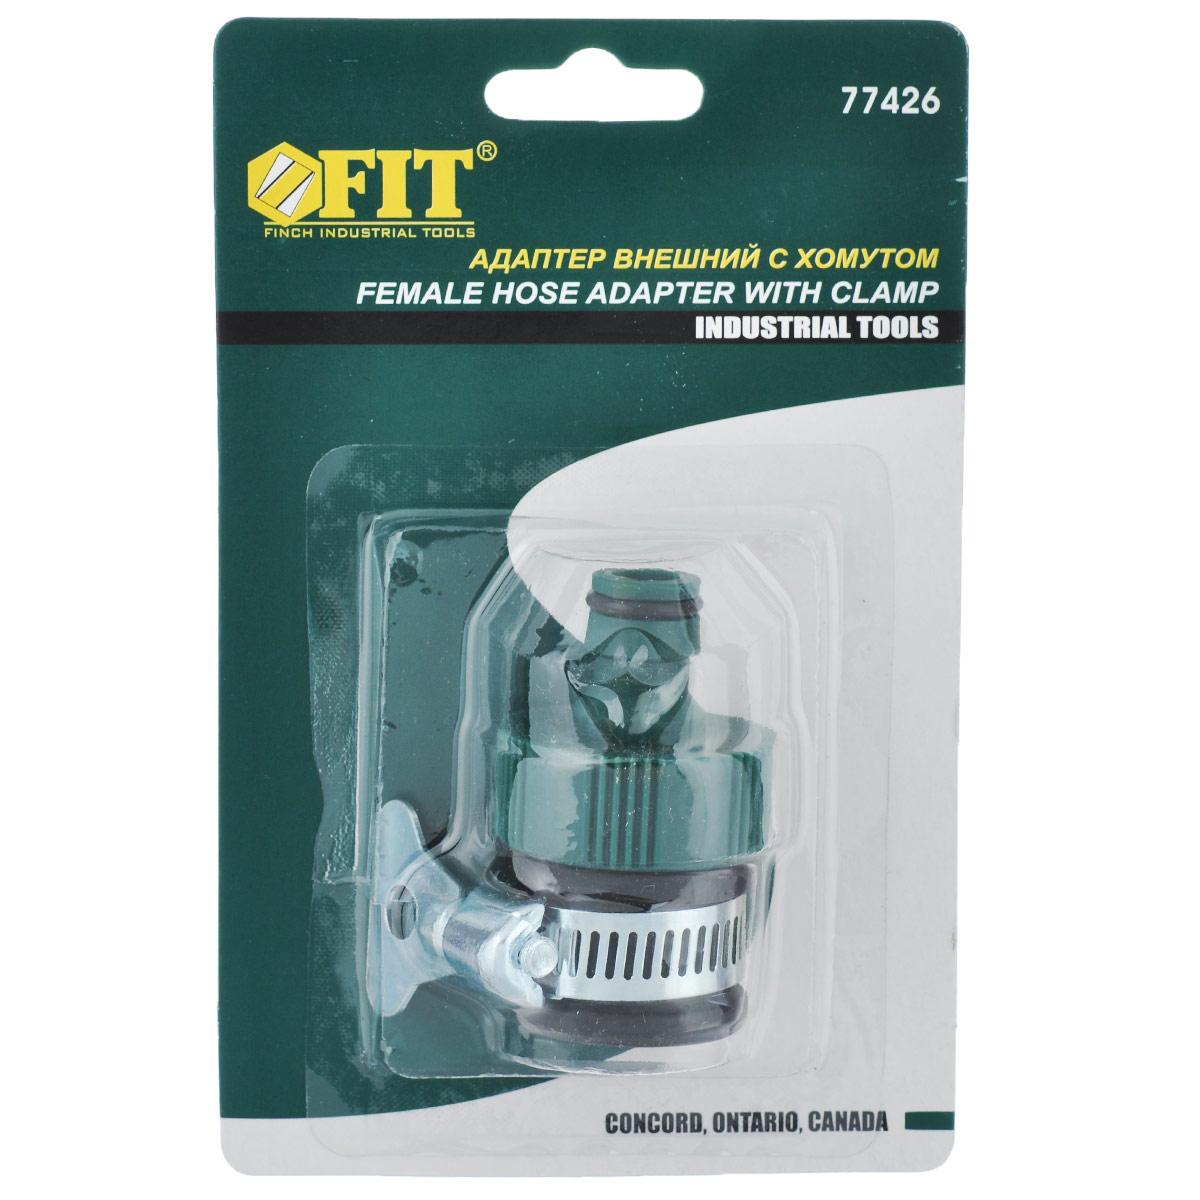 Адаптер внешний FIT, с хомутом, цвет: зеленый77426_зеленыйВнешний адаптер FIT применяется для подключения быстросъемного соединения поливочной системы к трубе или крану без резьбы с внешним диаметром 12-20 мм. Выполнен из прочного пластика. Адаптер оснащен хомутом.